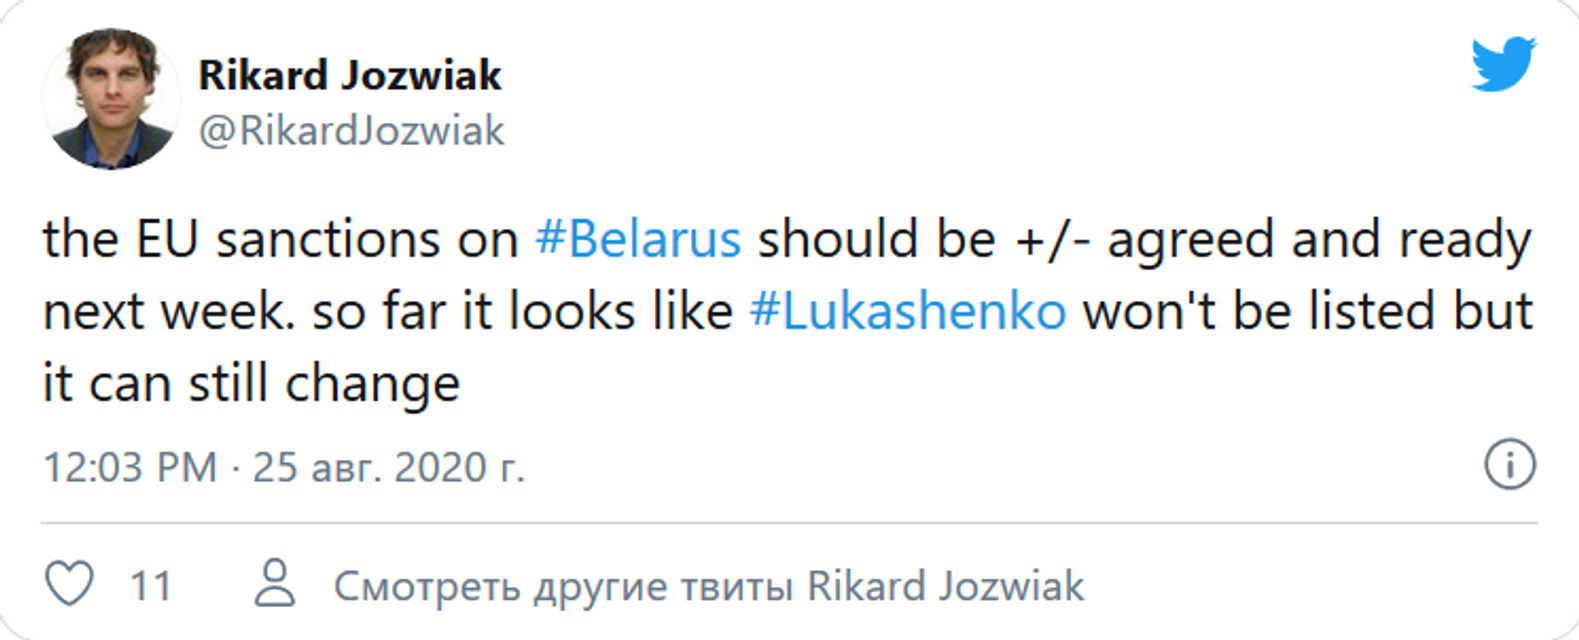 ЕС не включил Лукашенко в санкционные списки – СМИ - фото 204432